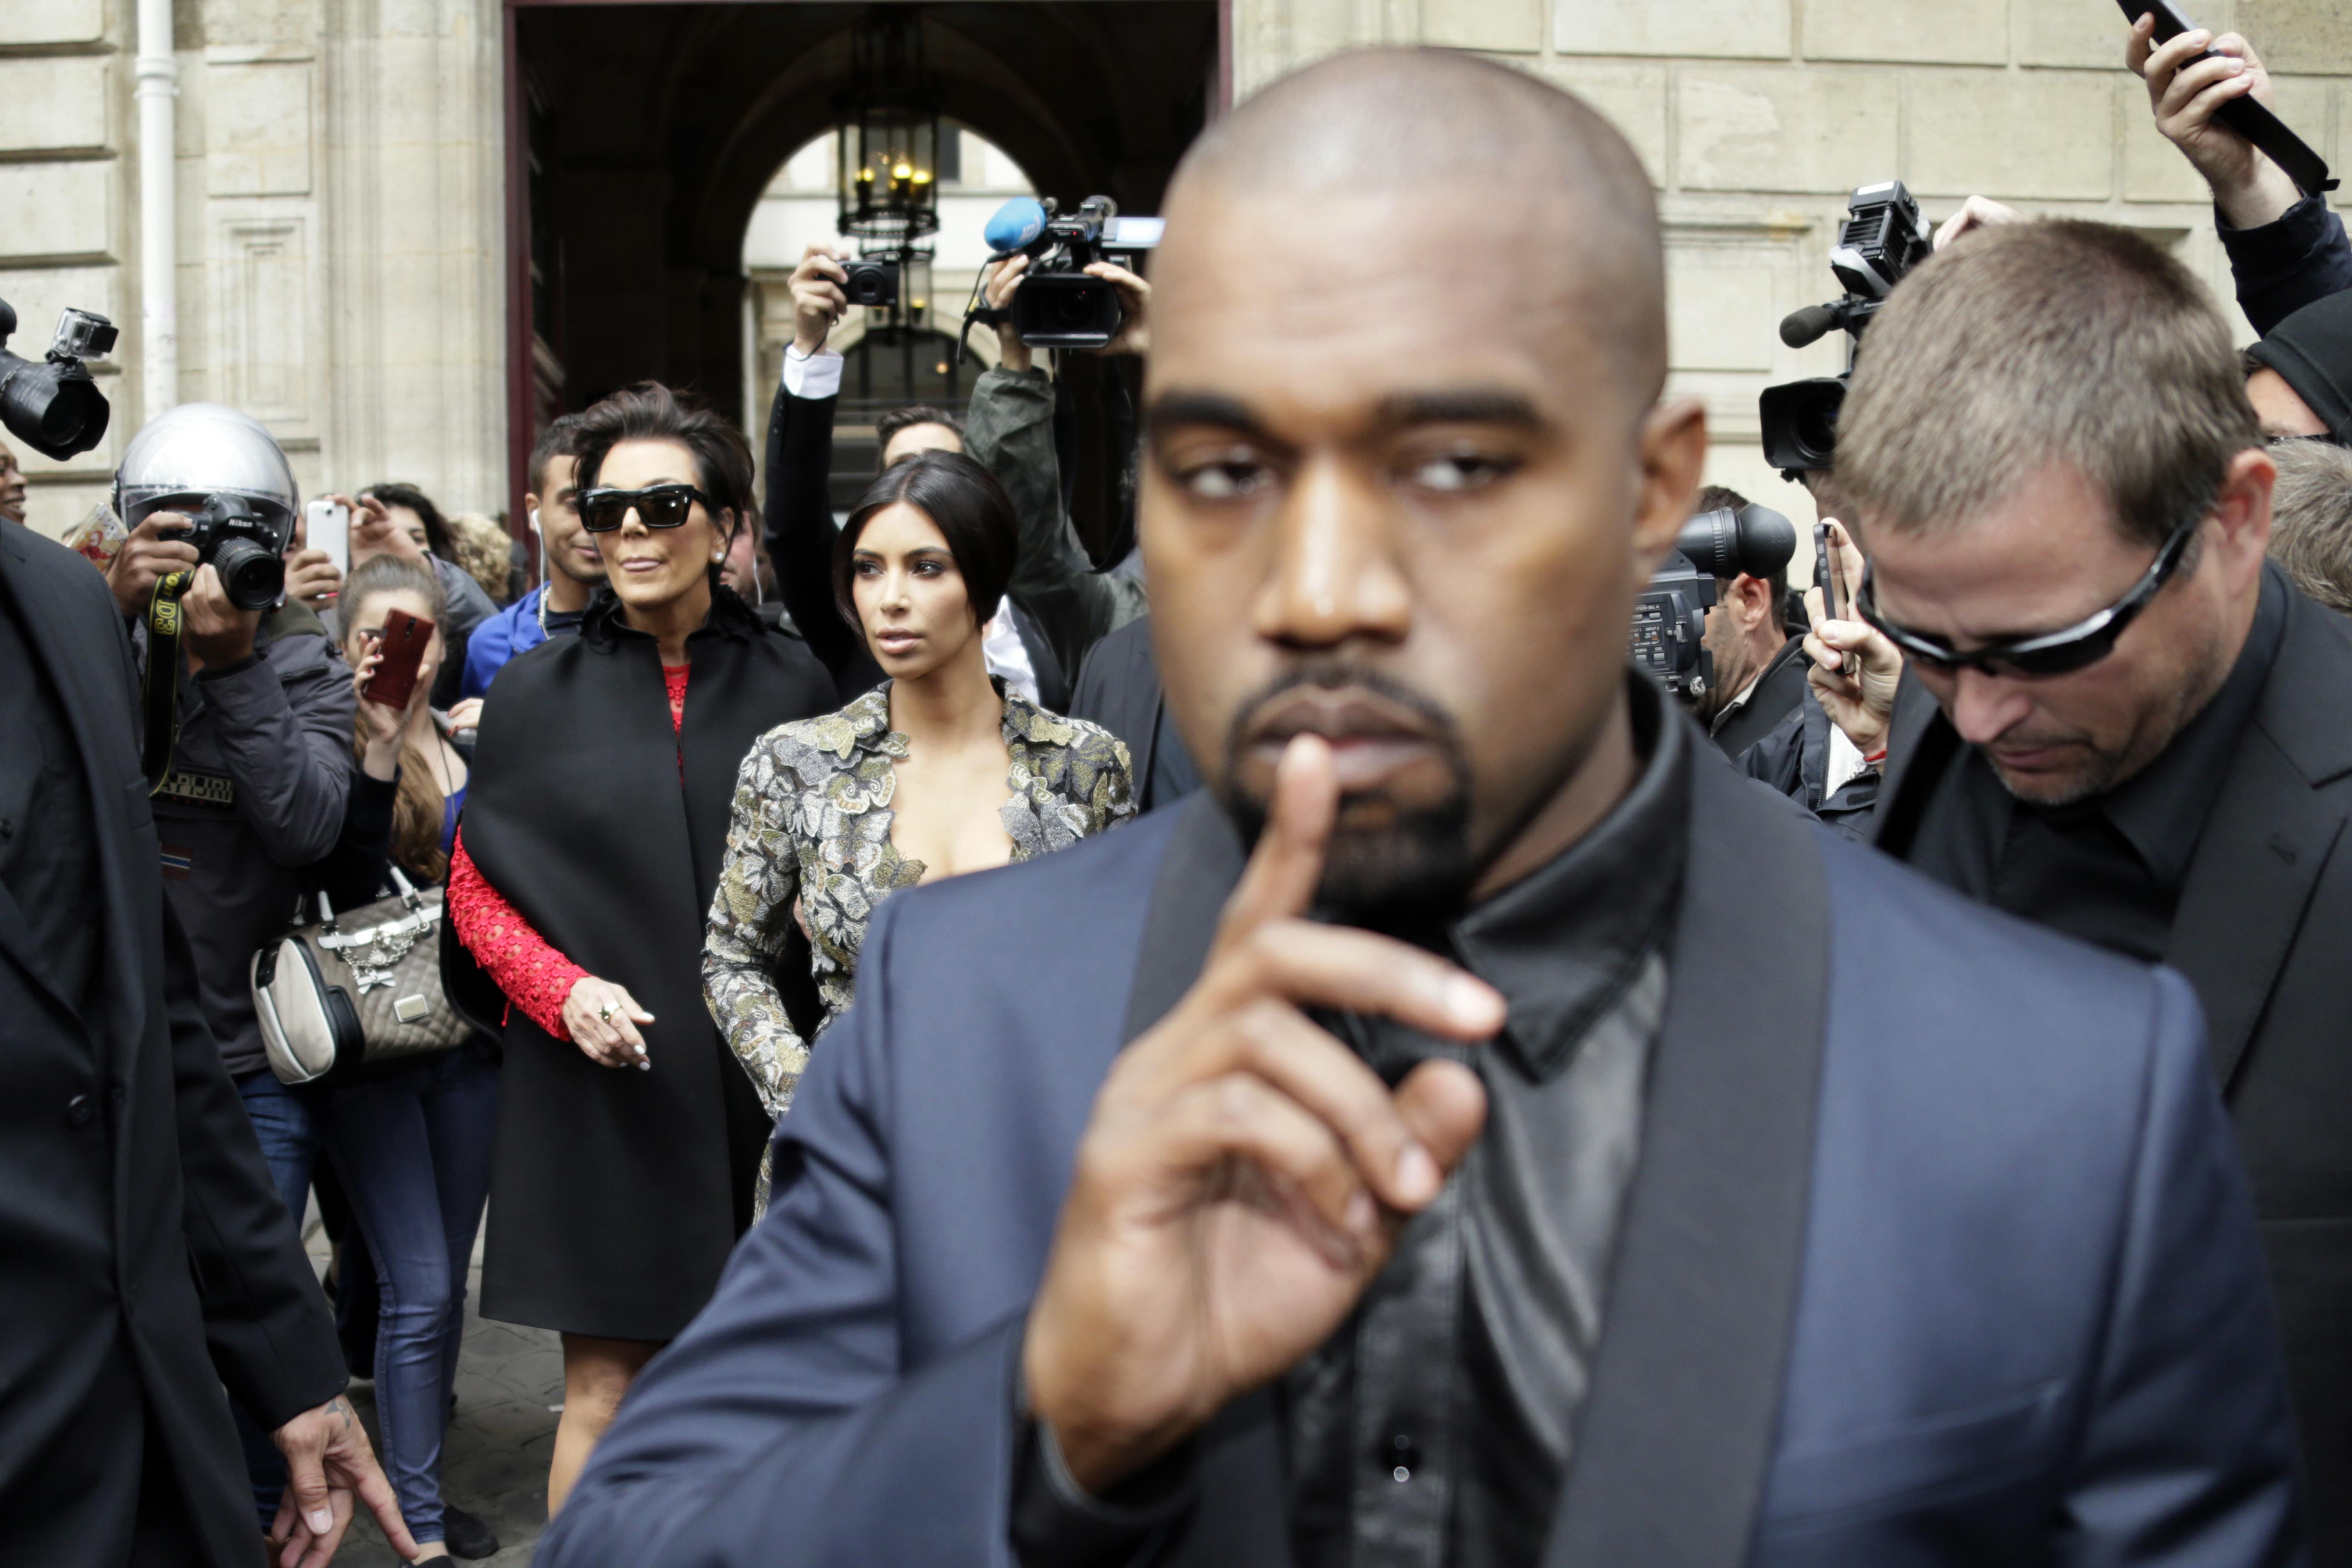 Egy detroiti rádió letiltotta Kanye West számait, miután a rapper hülyeségeket mondott a rabszolgaságról